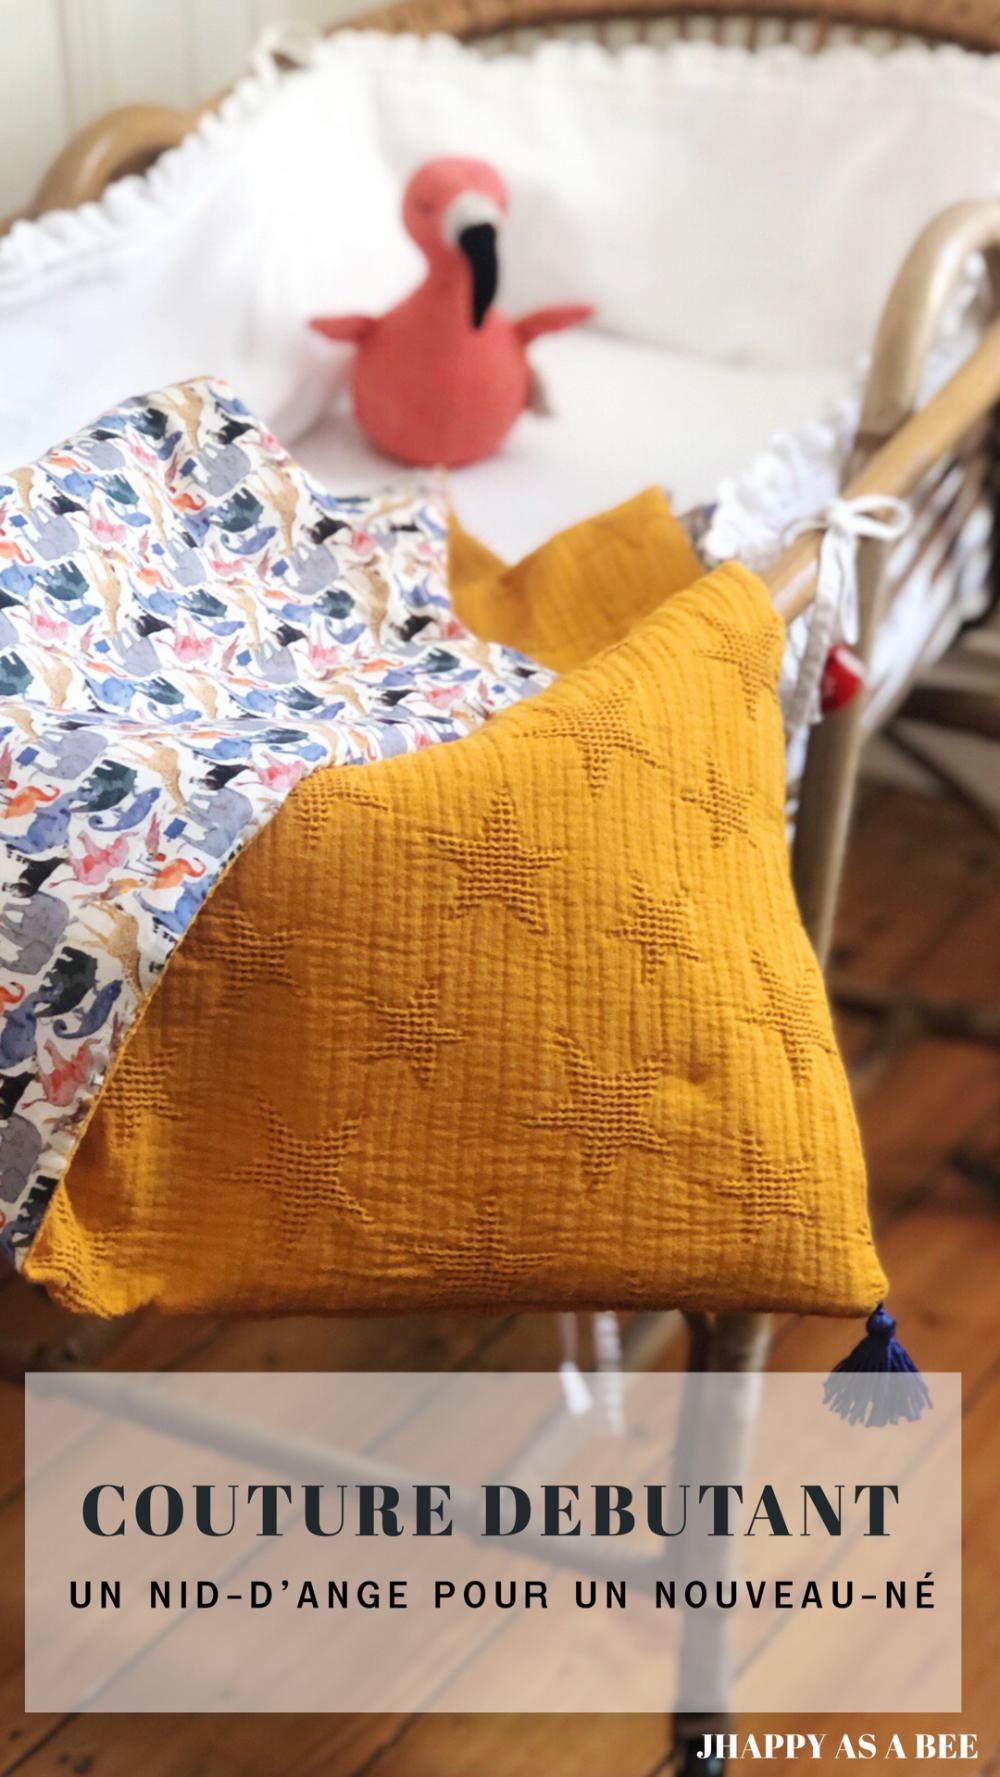 Couture débutante : une couverture nid d'ange pour nouveau-né !